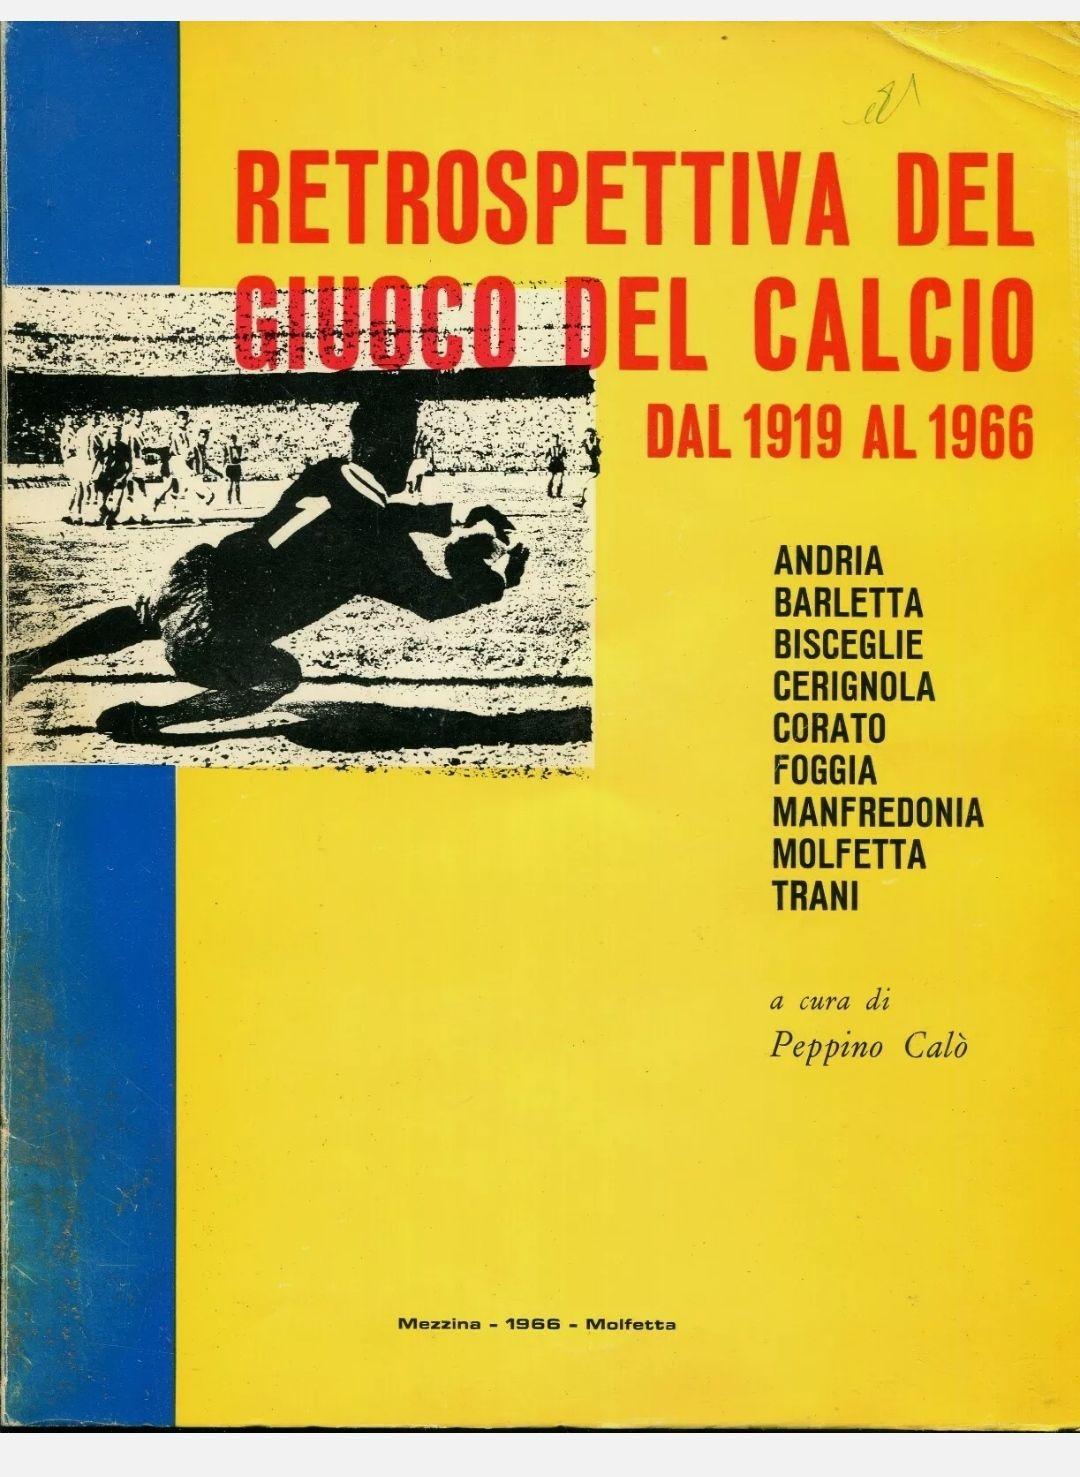 Retrospettiva del giuoco del calcio dal 1919 al 1966. Andria Barletta Bisceglie Cerignola Corato Foggia Manfredonia Molfetta Trani, a cura di Peppino Calò (Molfetta, Mezzina, 1966). Introvabile